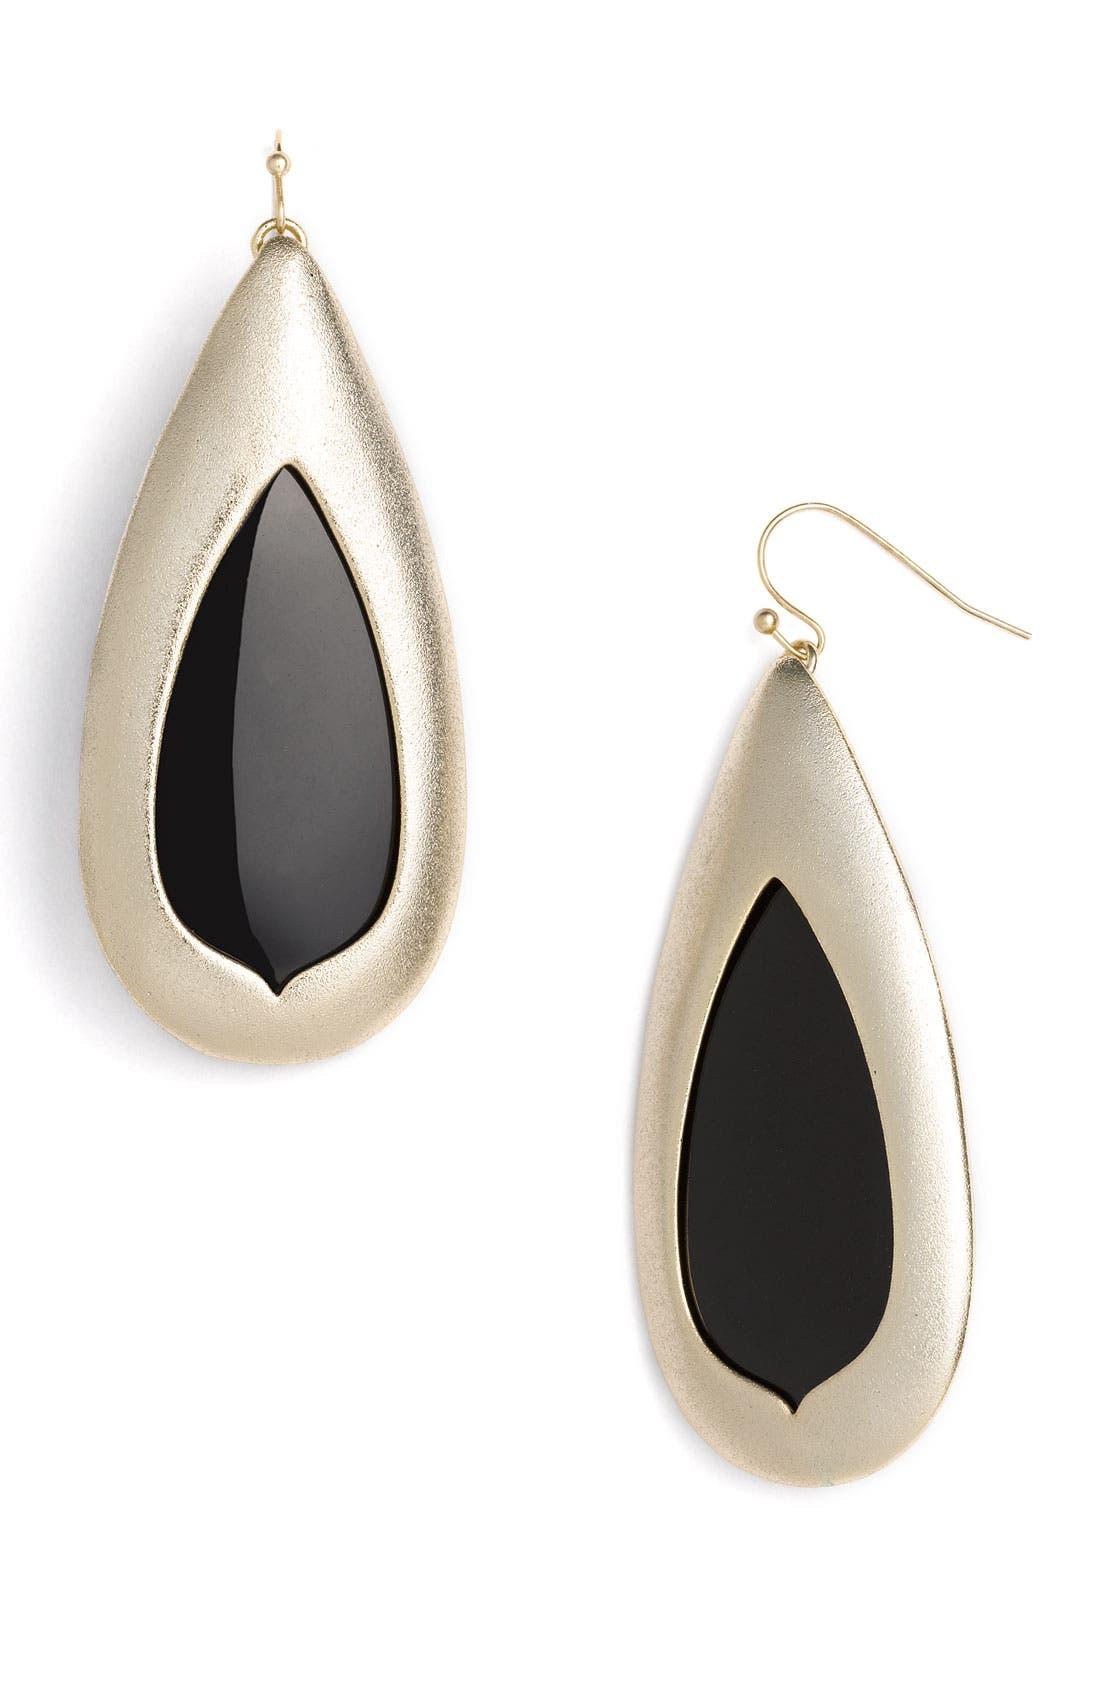 Main Image - Kendra Scott 'Wren' Teardrop Statement Earrings